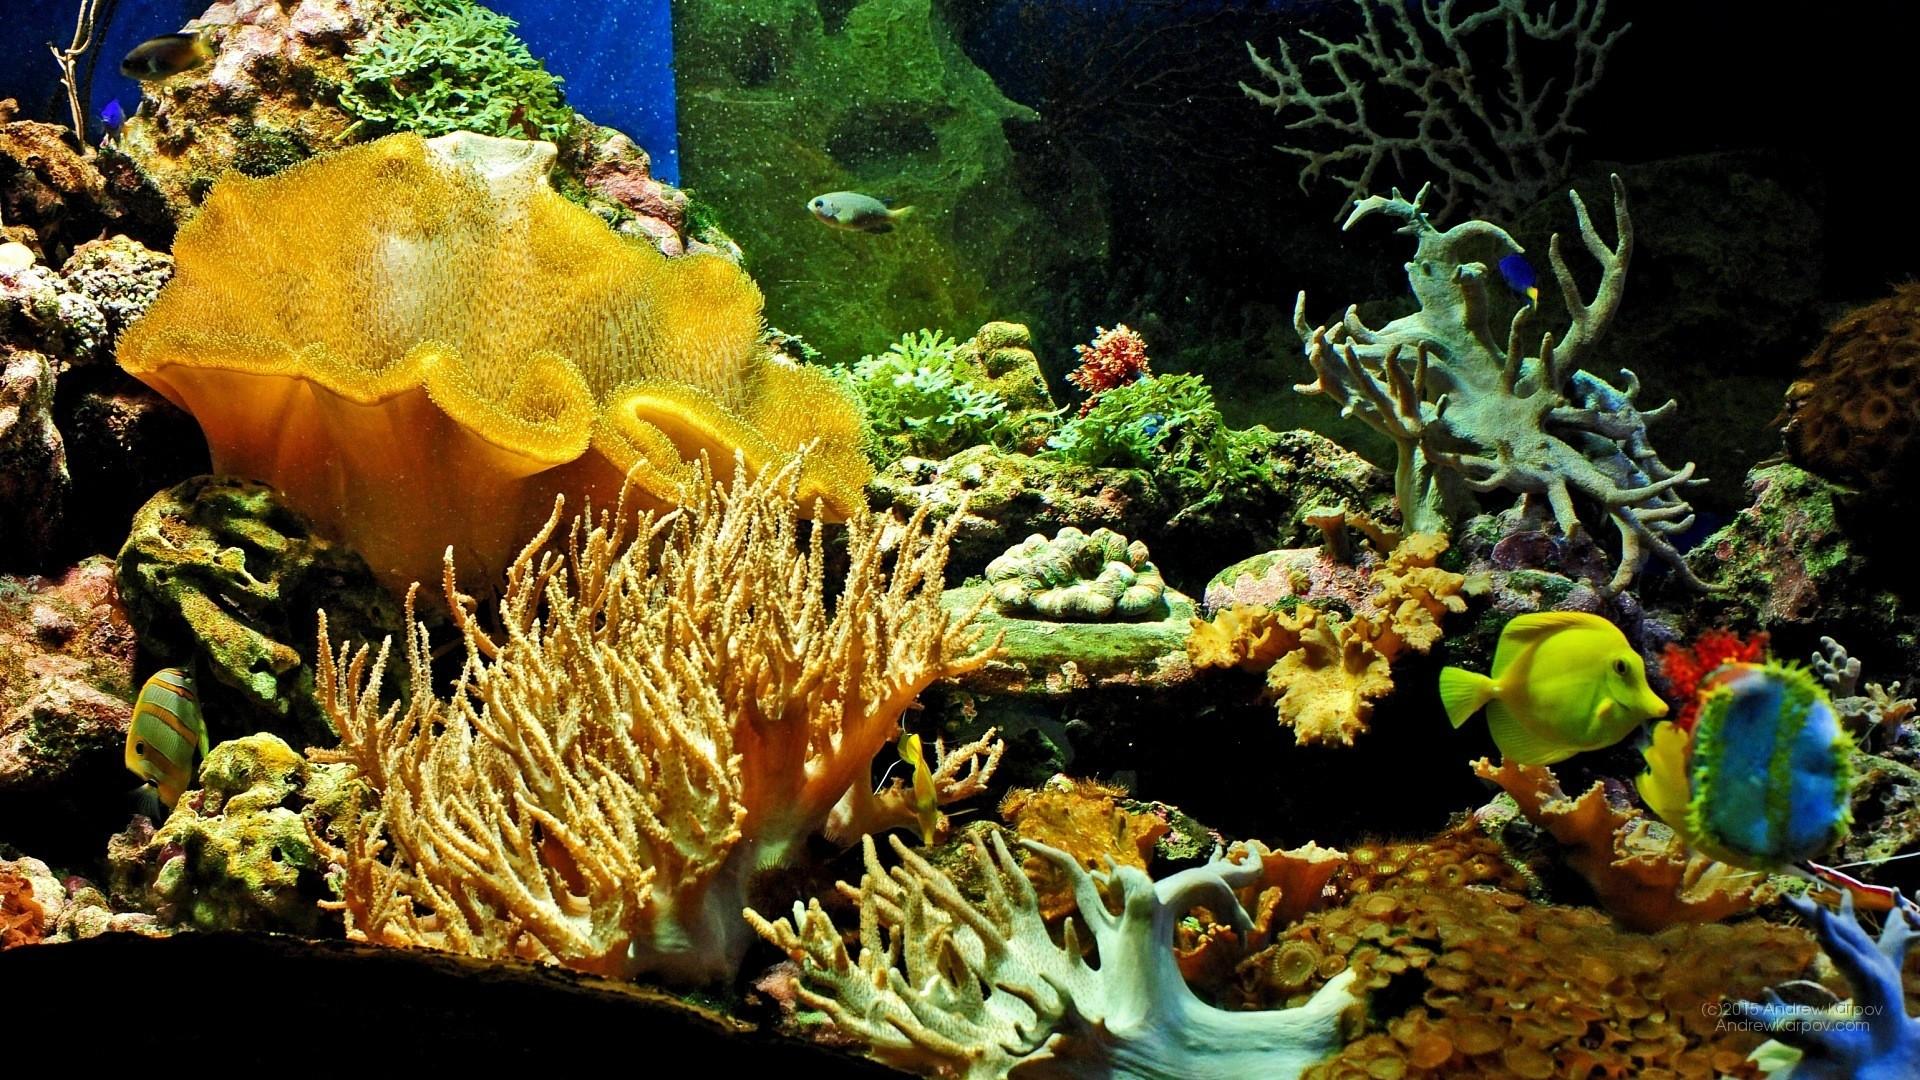 Download Wallpaper Aquarium 3d Sfondi Acquario 61 Immagini